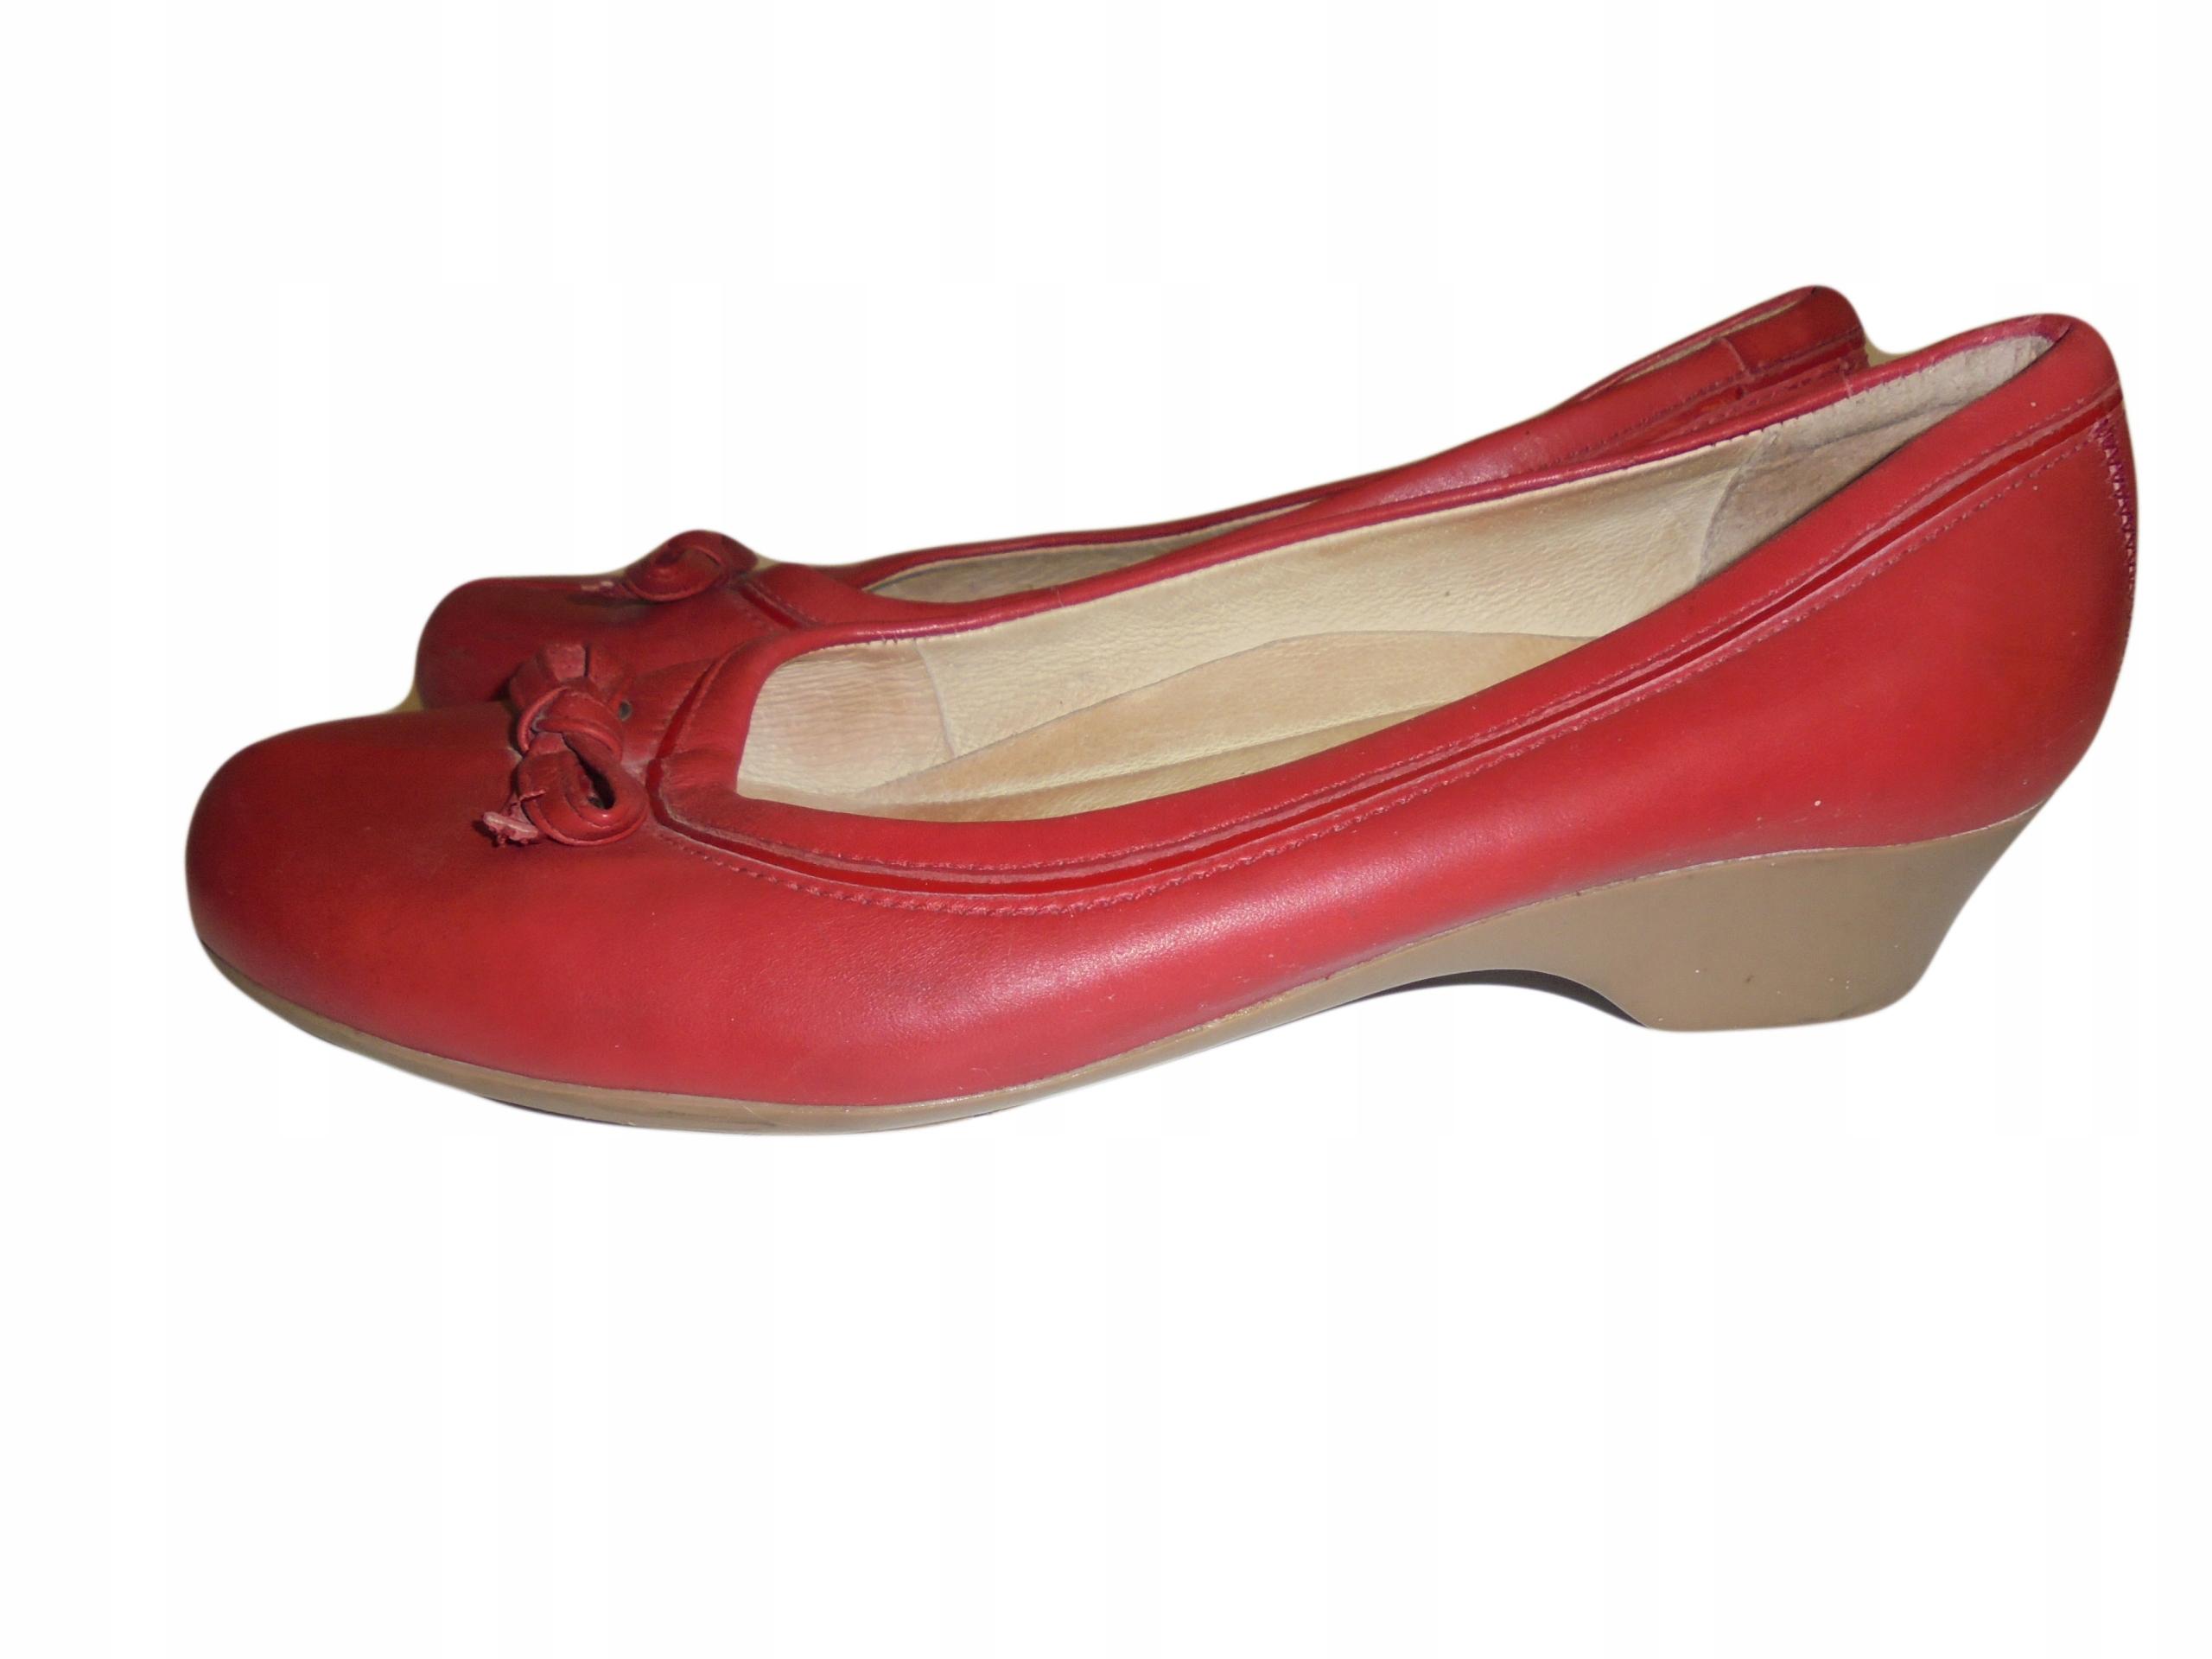 Skórzane buty firmy Clarks. Rozmiar 40.